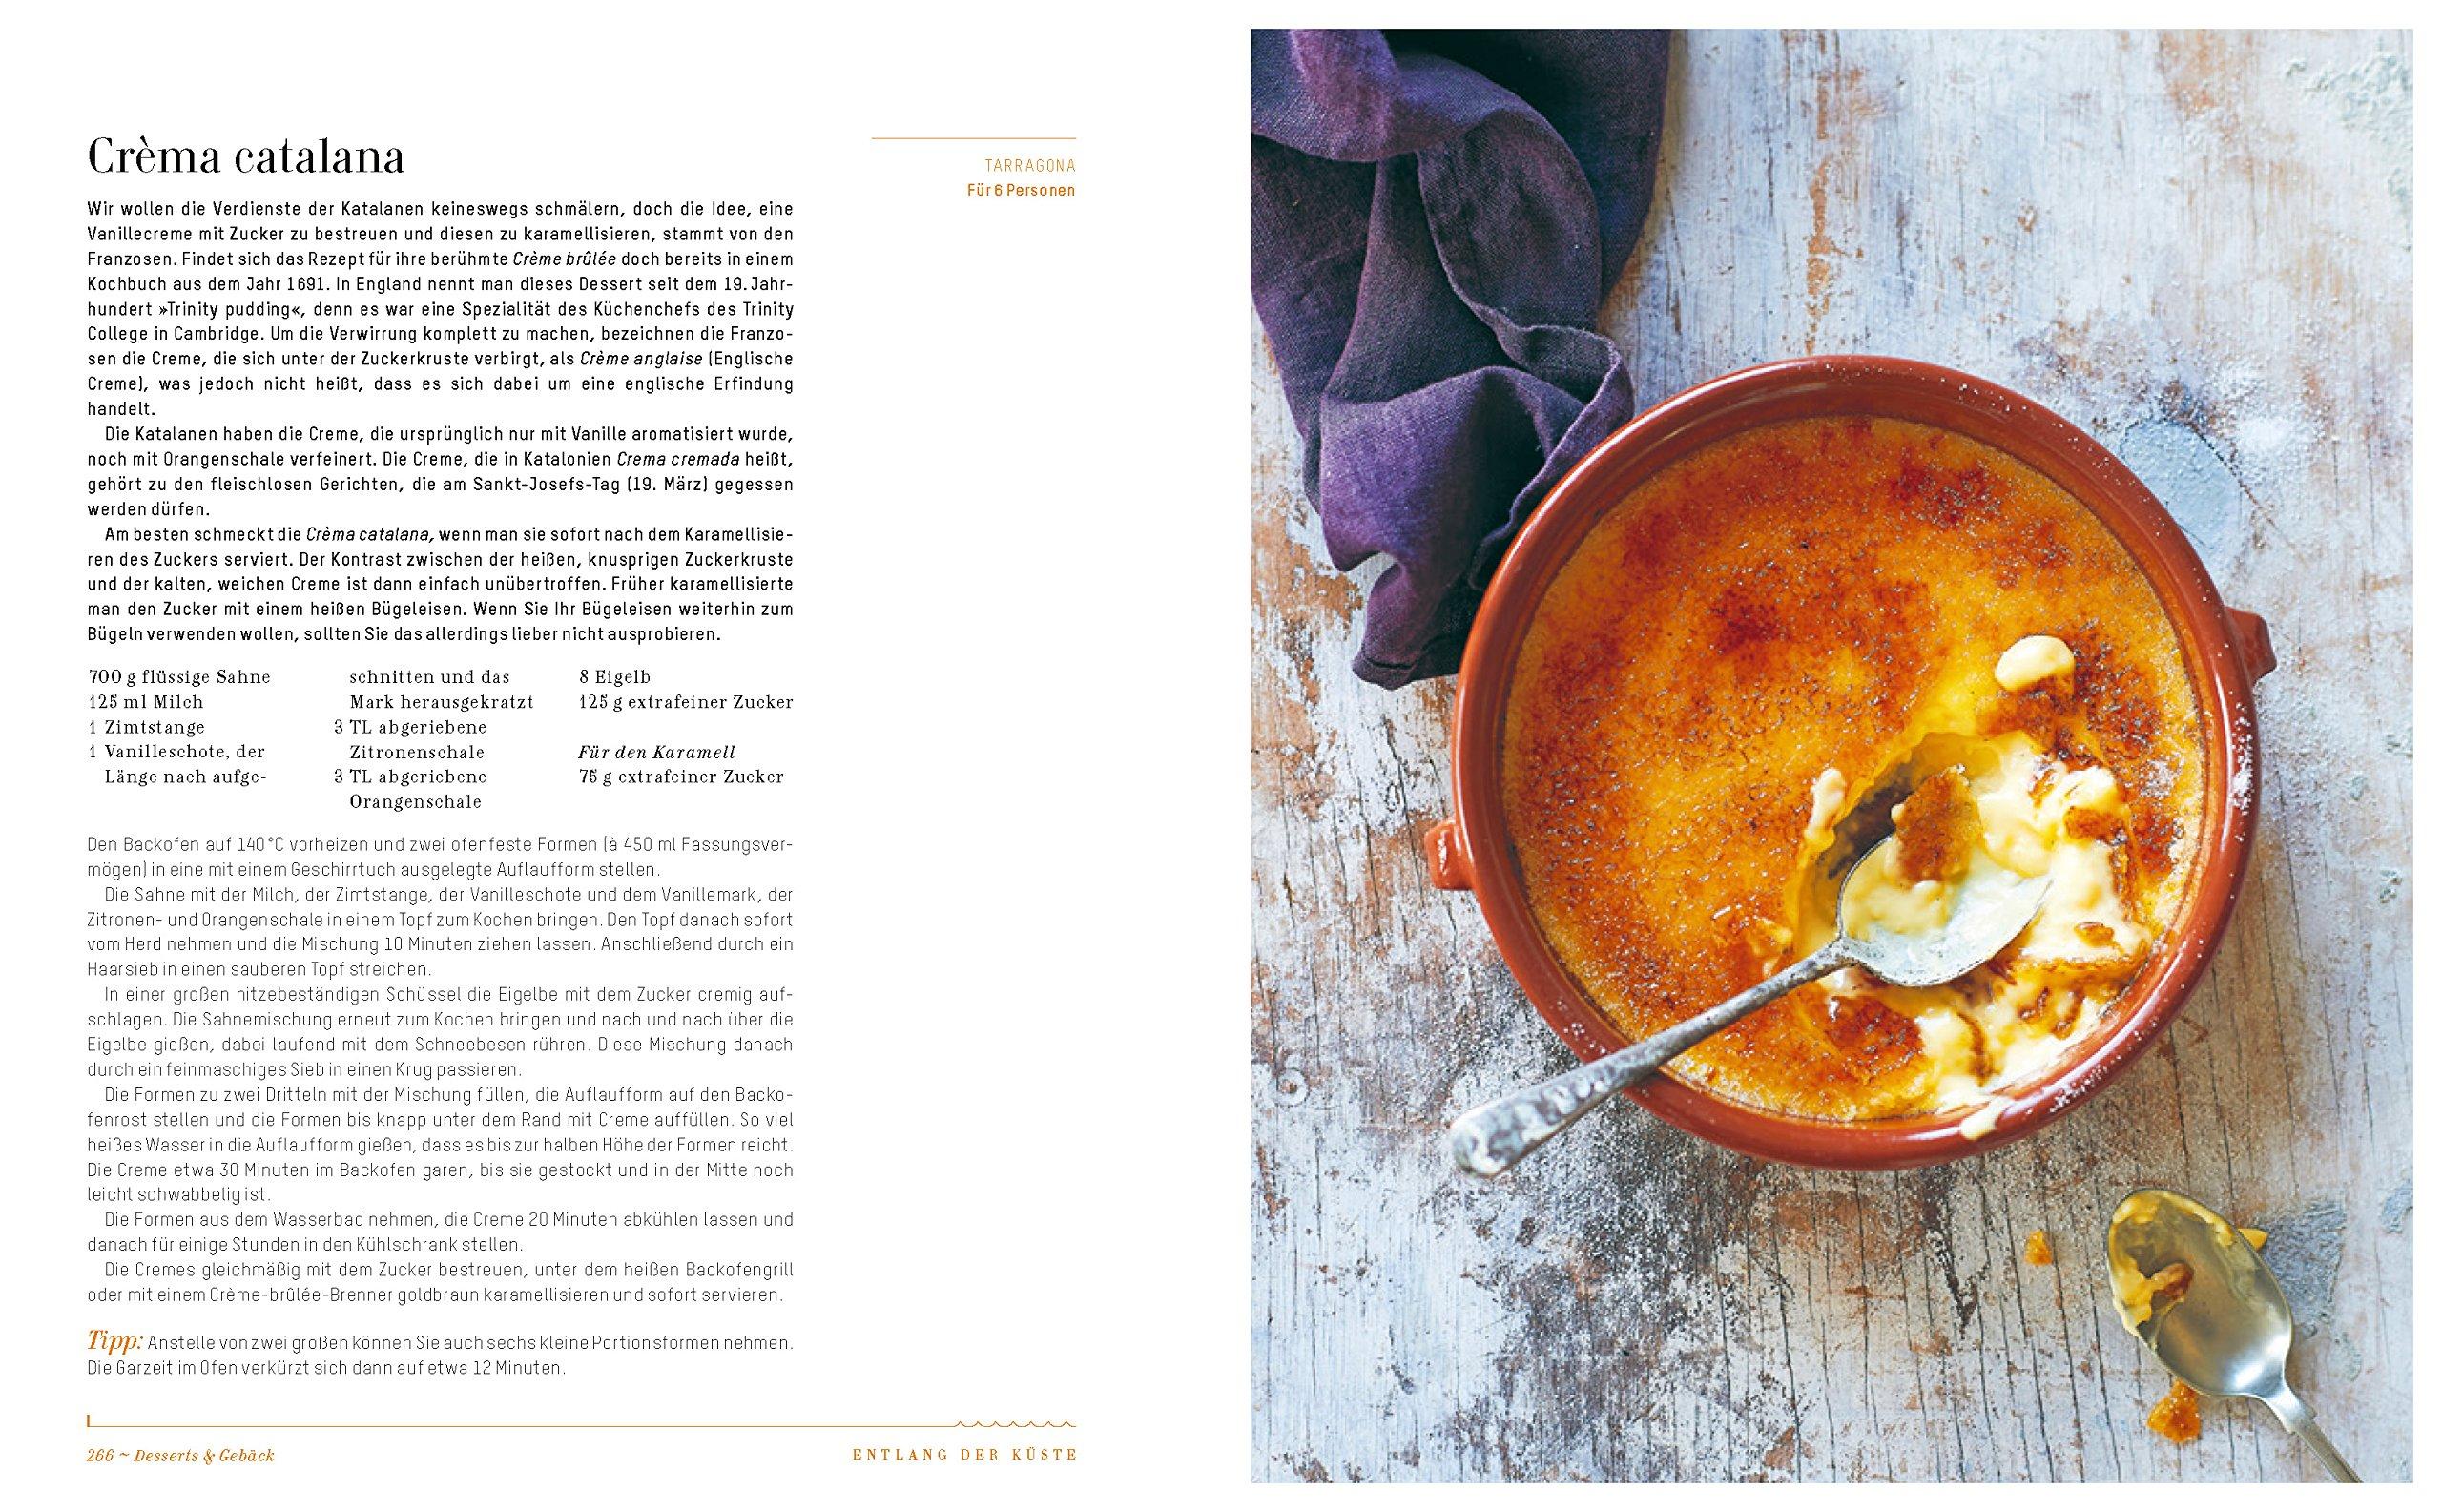 Berühmt Rumis Küche Menü Bilder - My Own Email